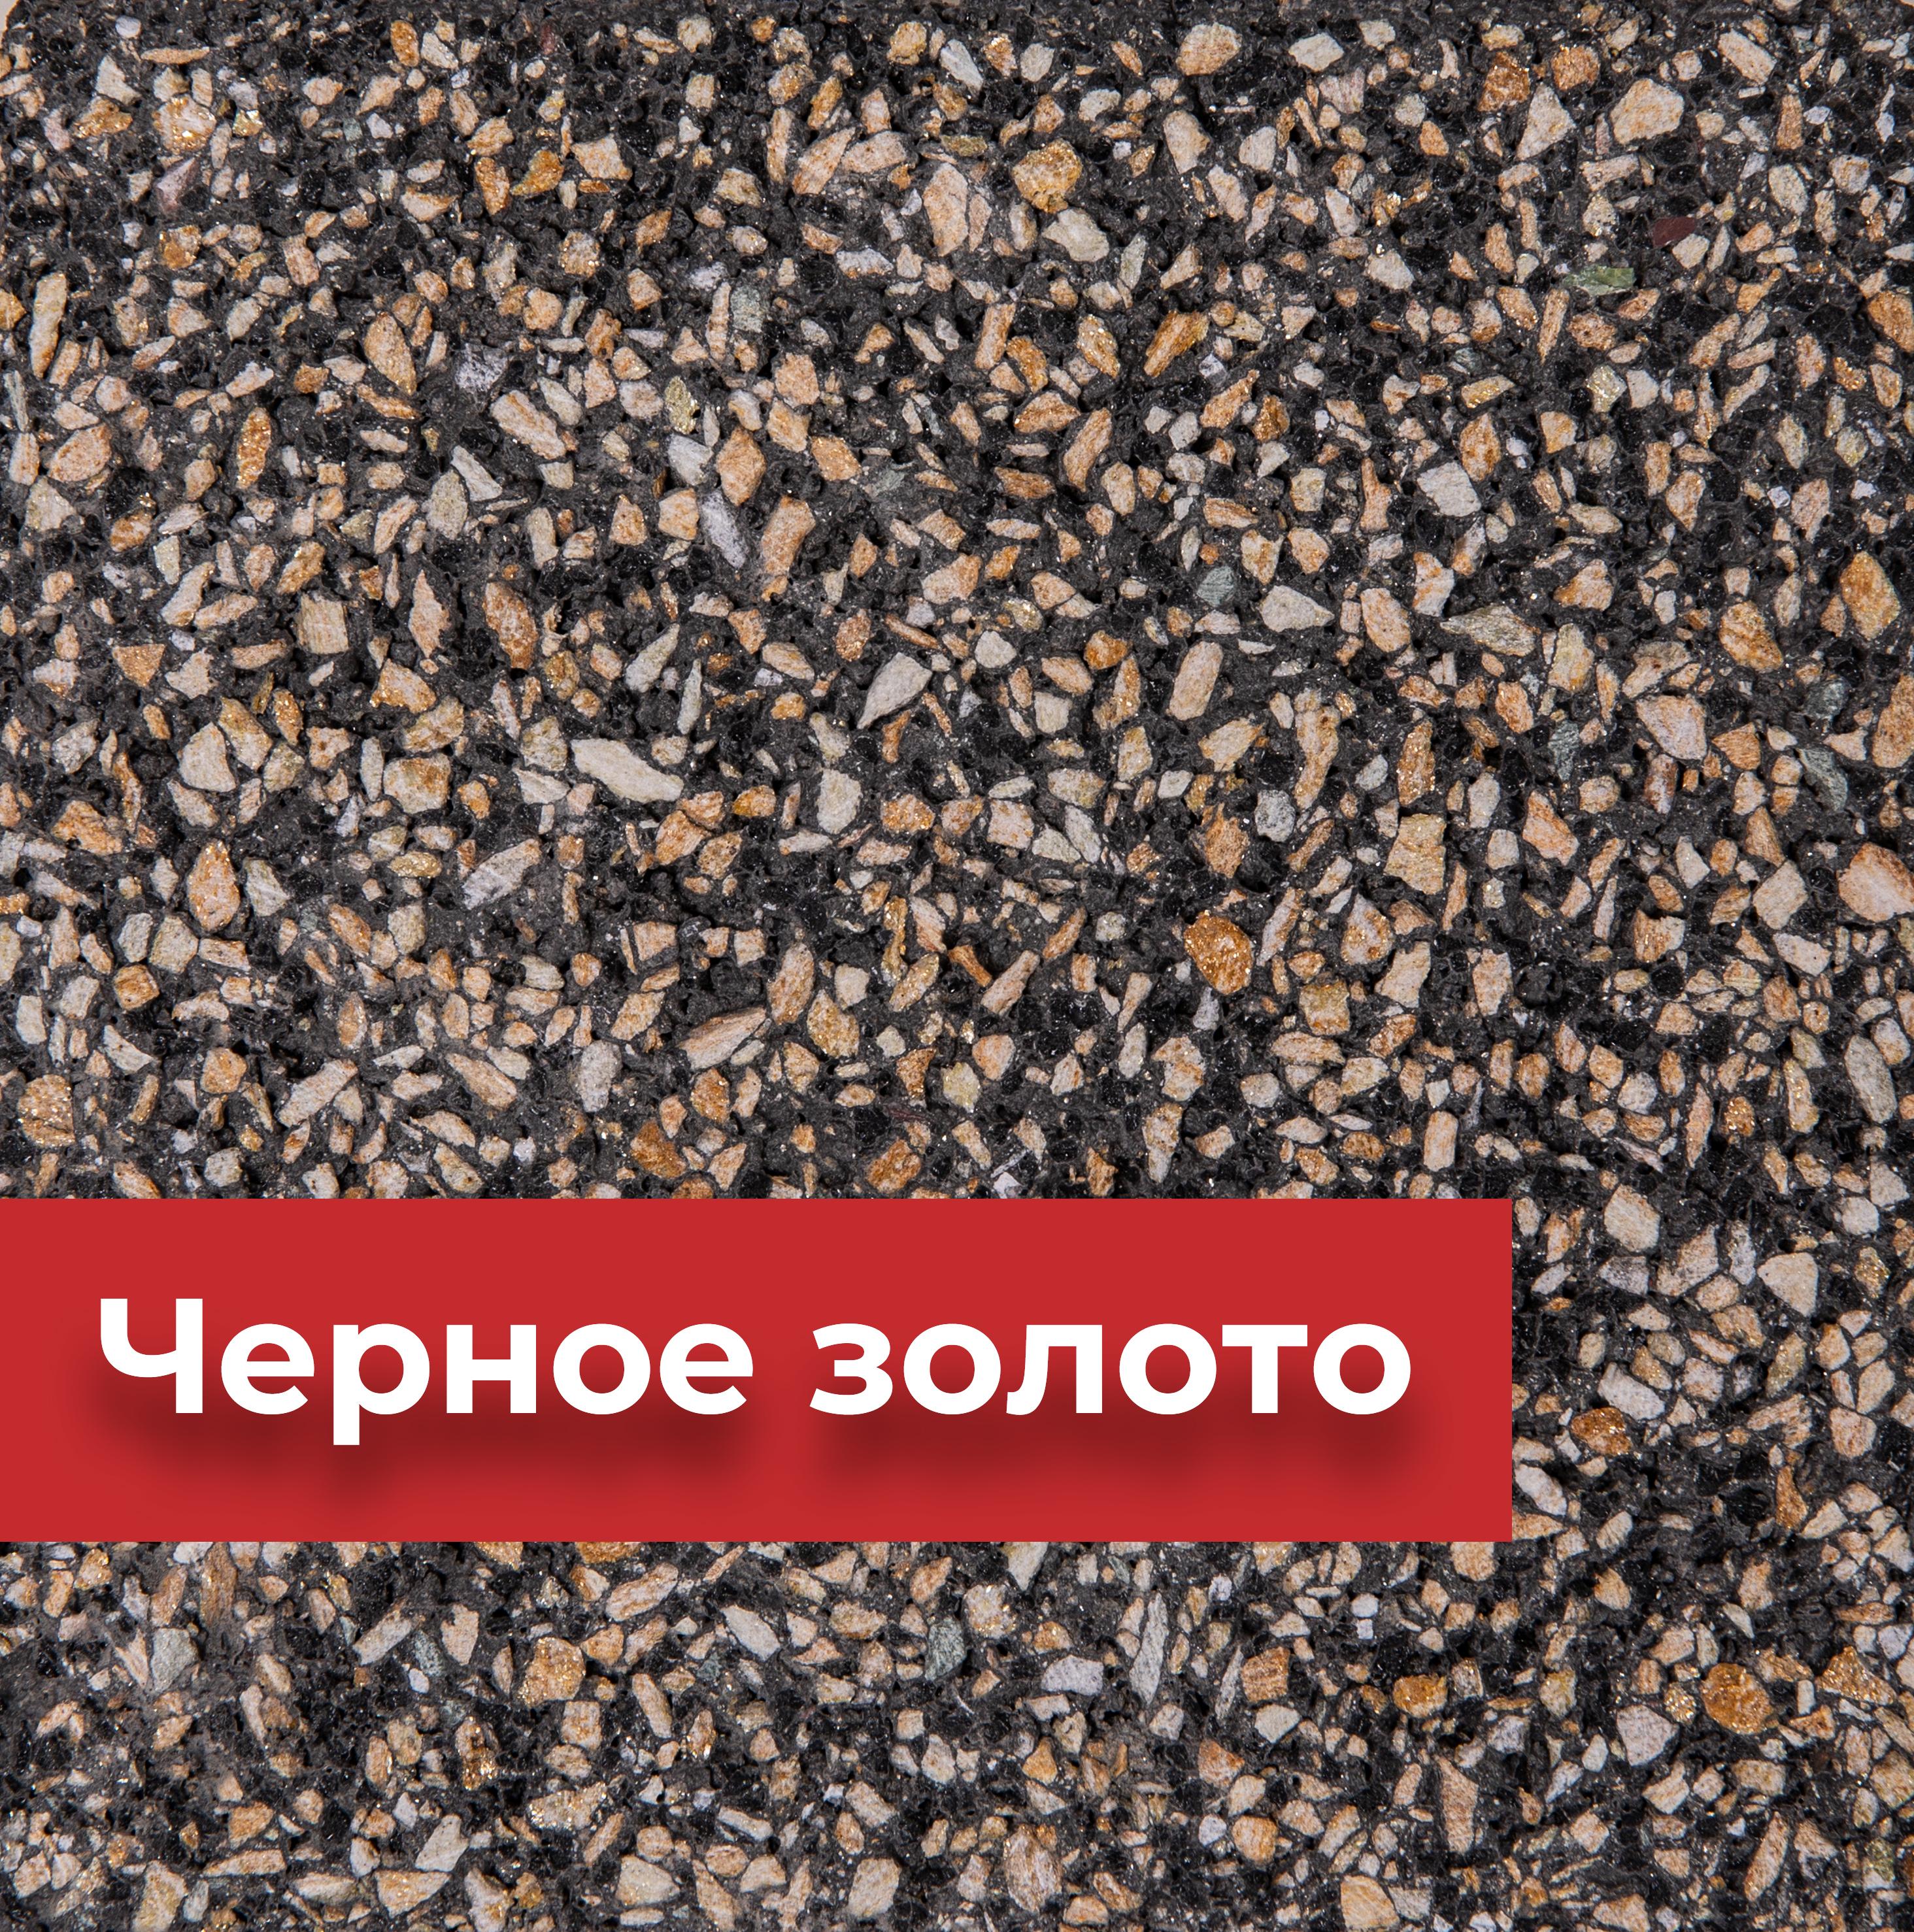 Мрамор Черное золото